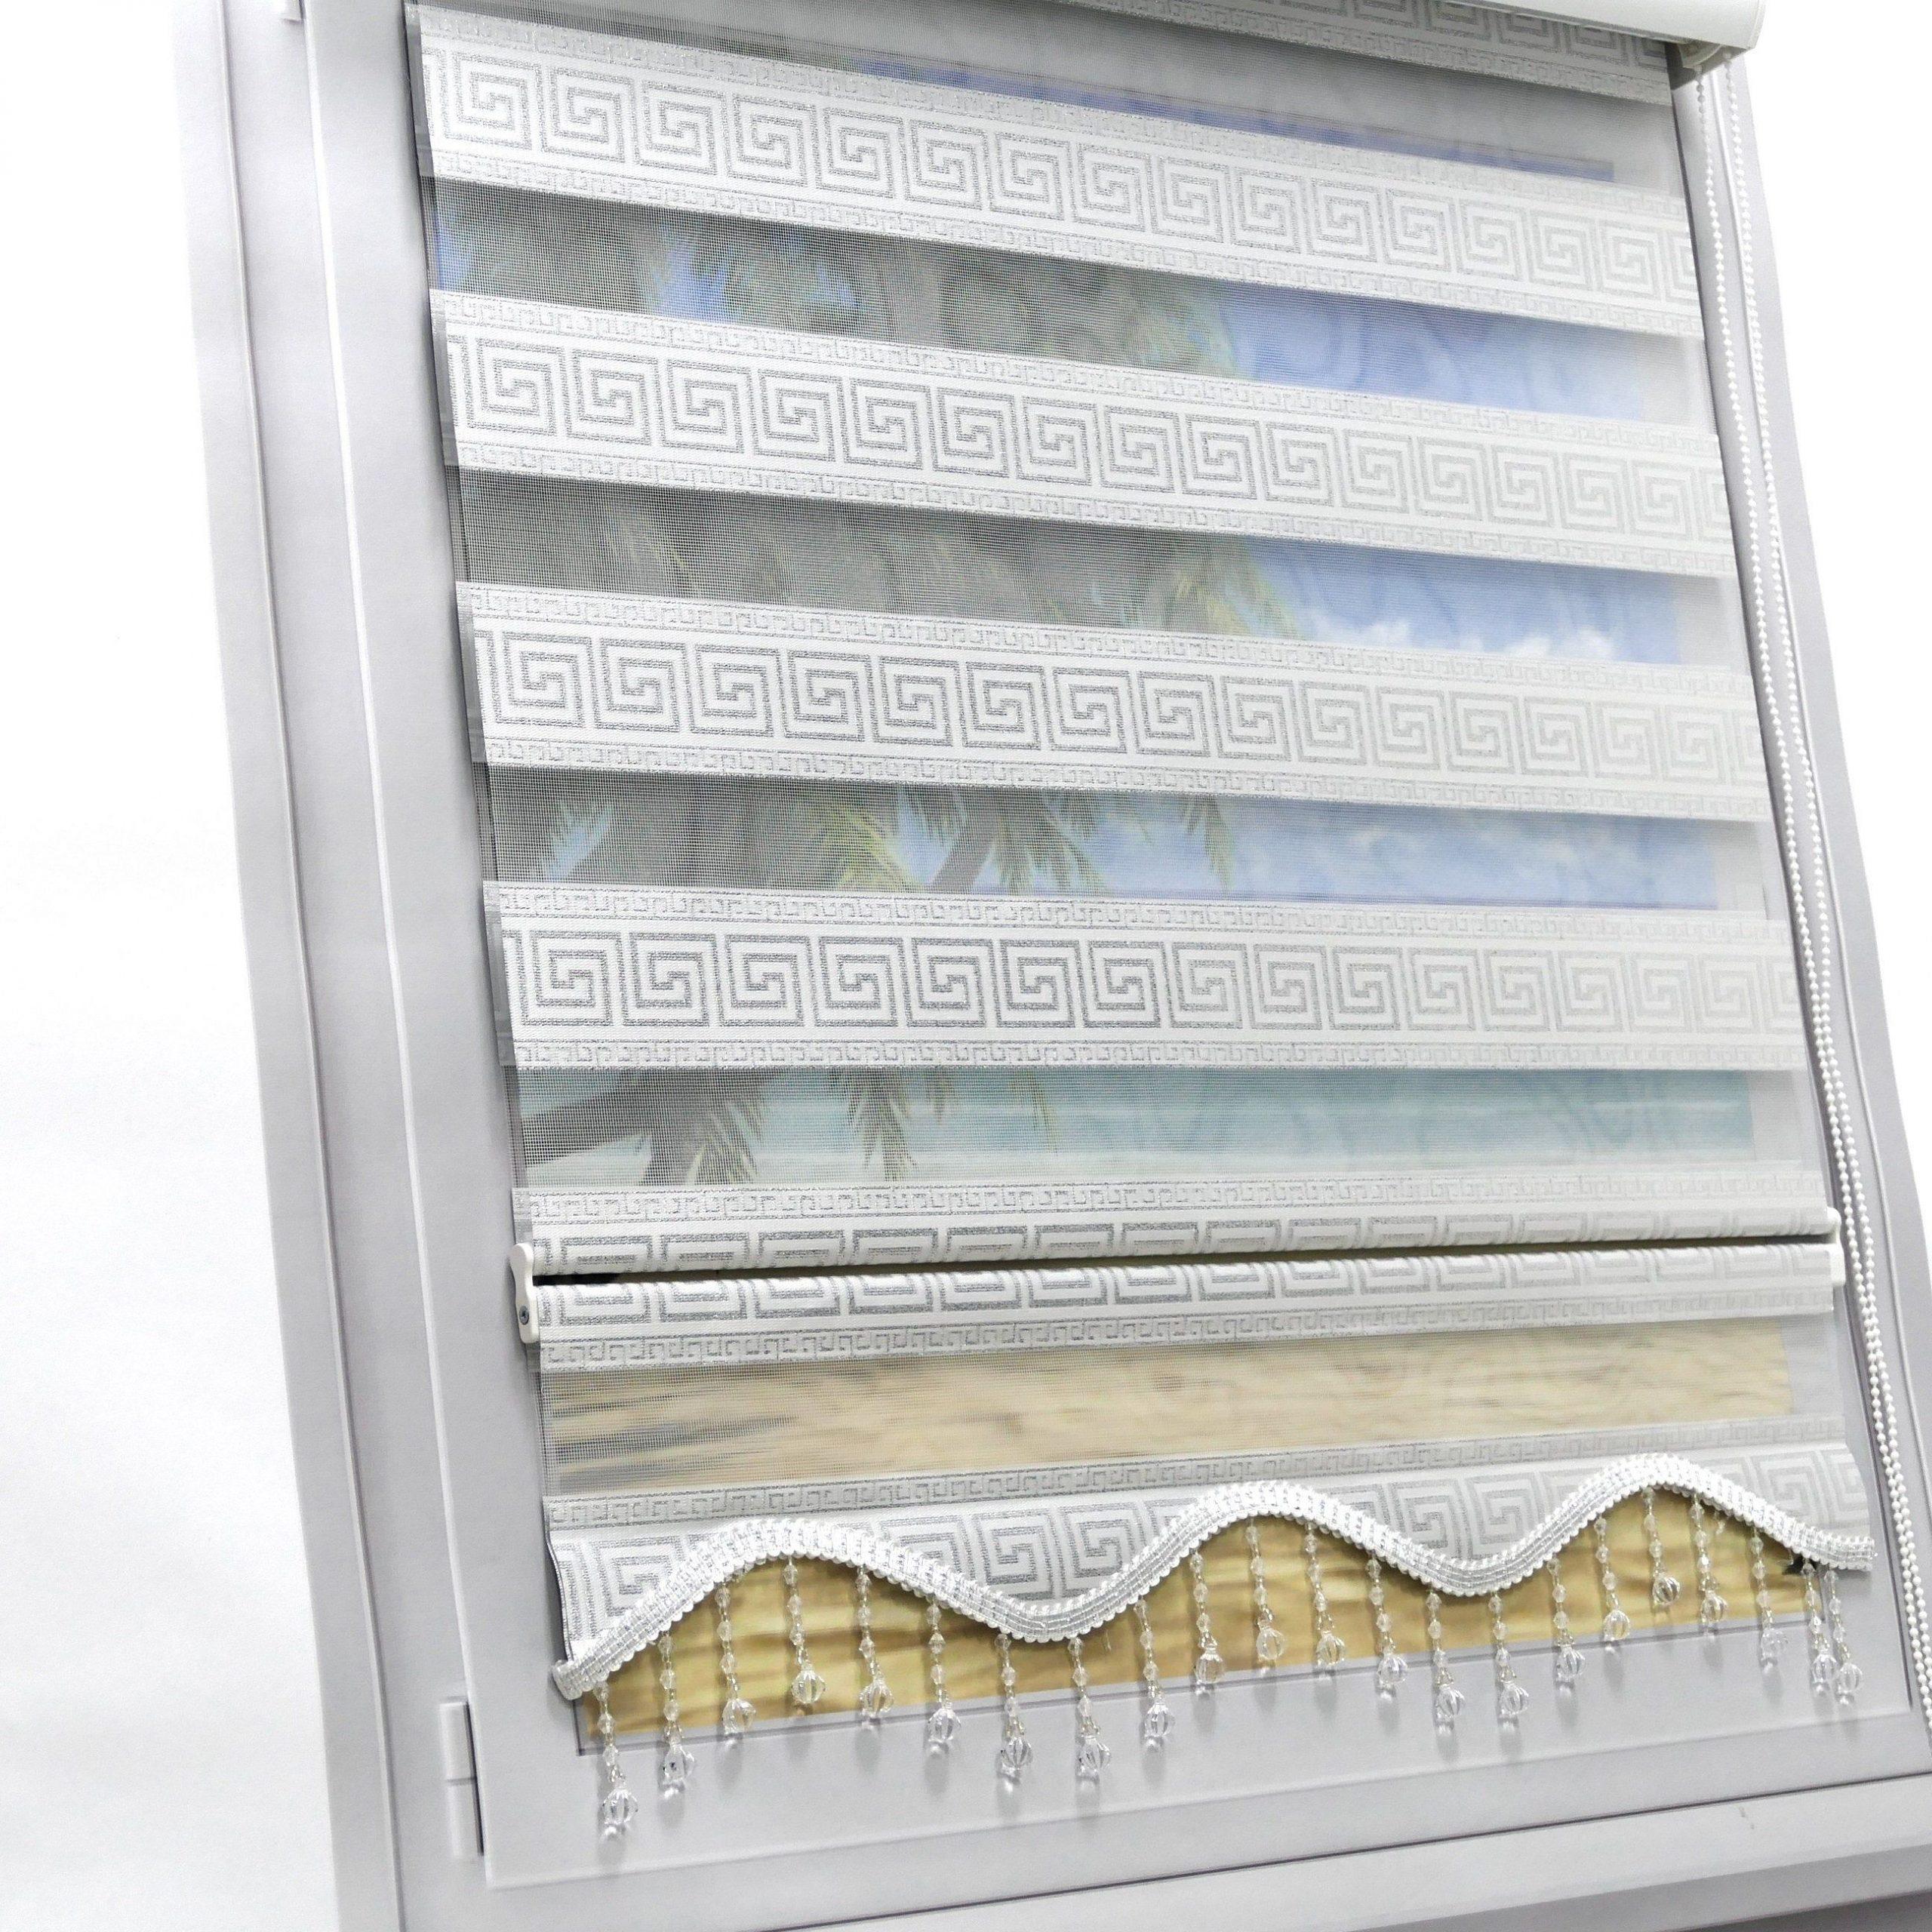 Full Size of Fenster Rollos Brillant Doppelrollo Versace Wei Silber Verdunkelungs Duorollo Einbruchsicher Einbauen Holz Alu Preise Rc3 Sonnenschutzfolie Aluminium Fenster Fenster Rollos